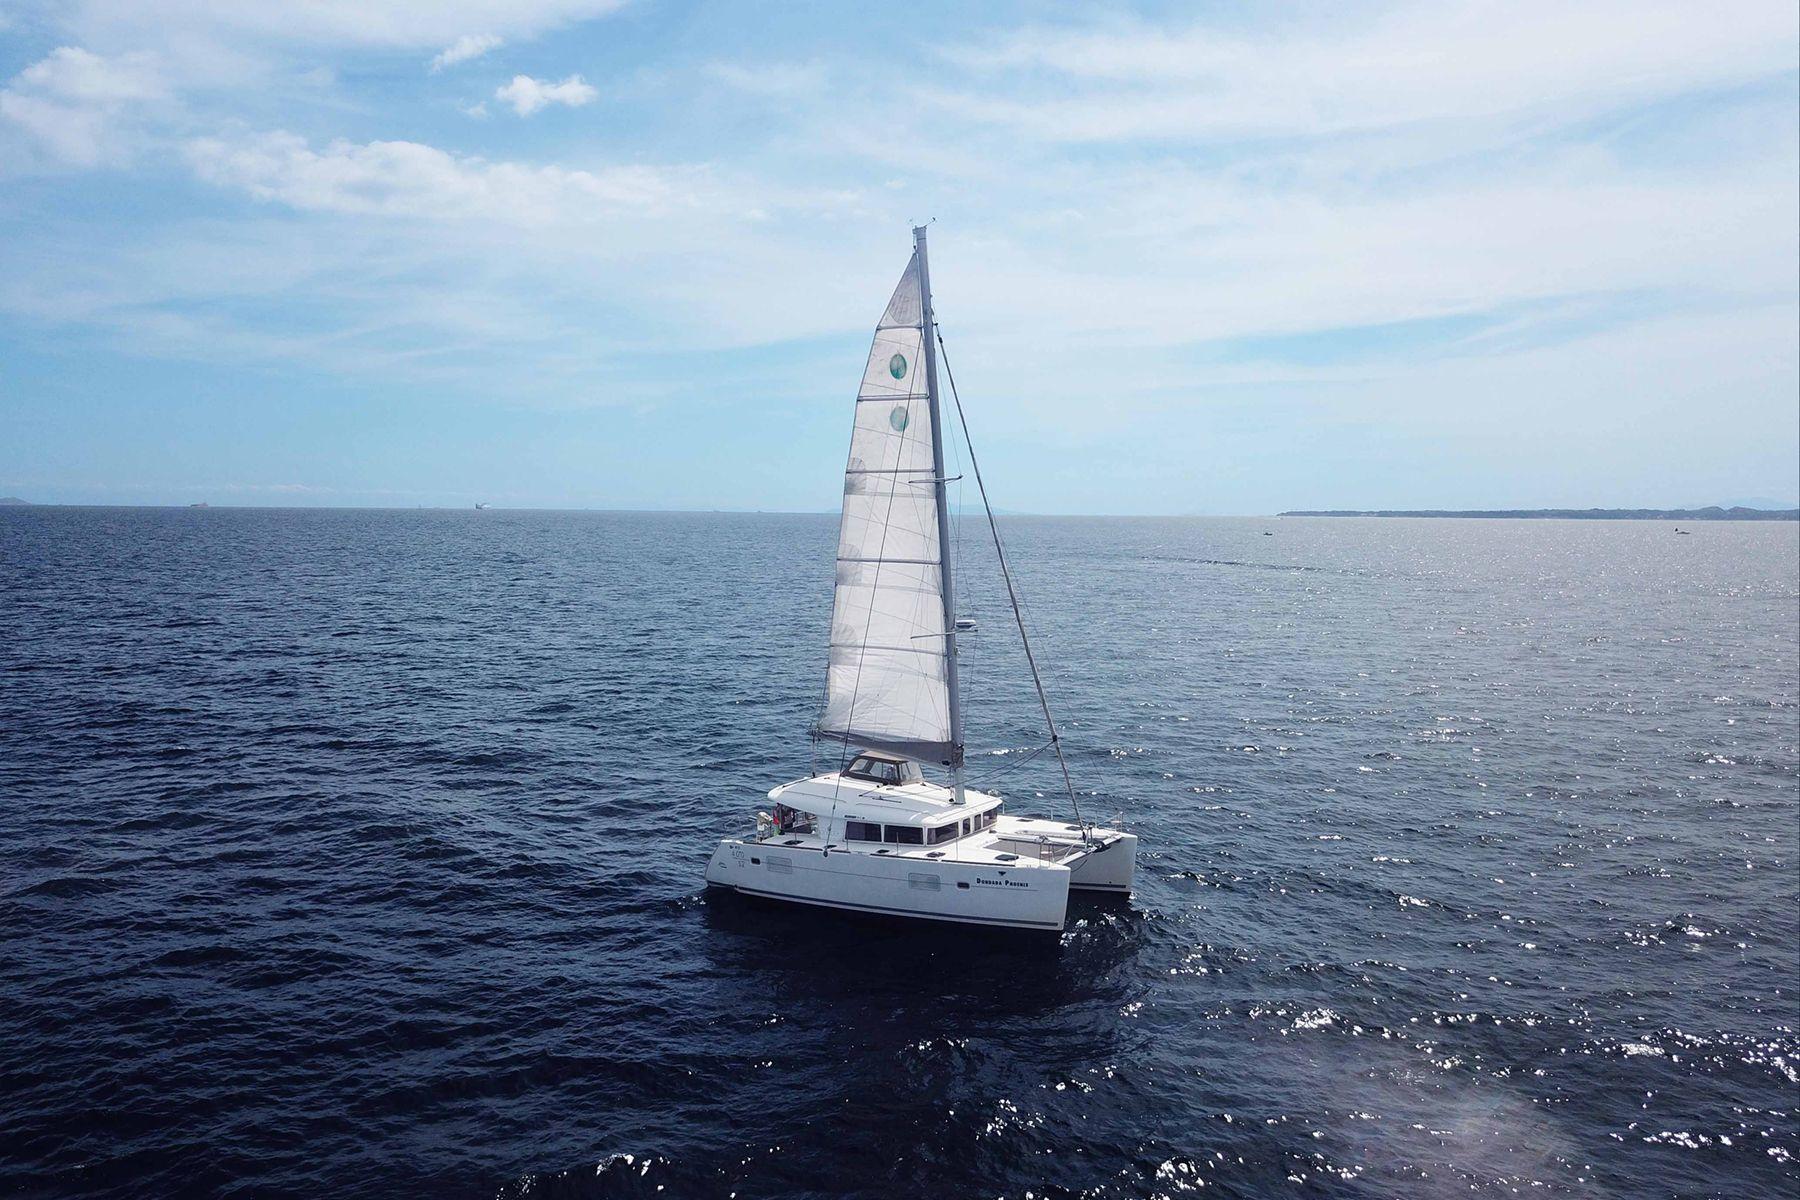 ダンダダ・フェニックス カタマランヨット・クルーザー白い帆